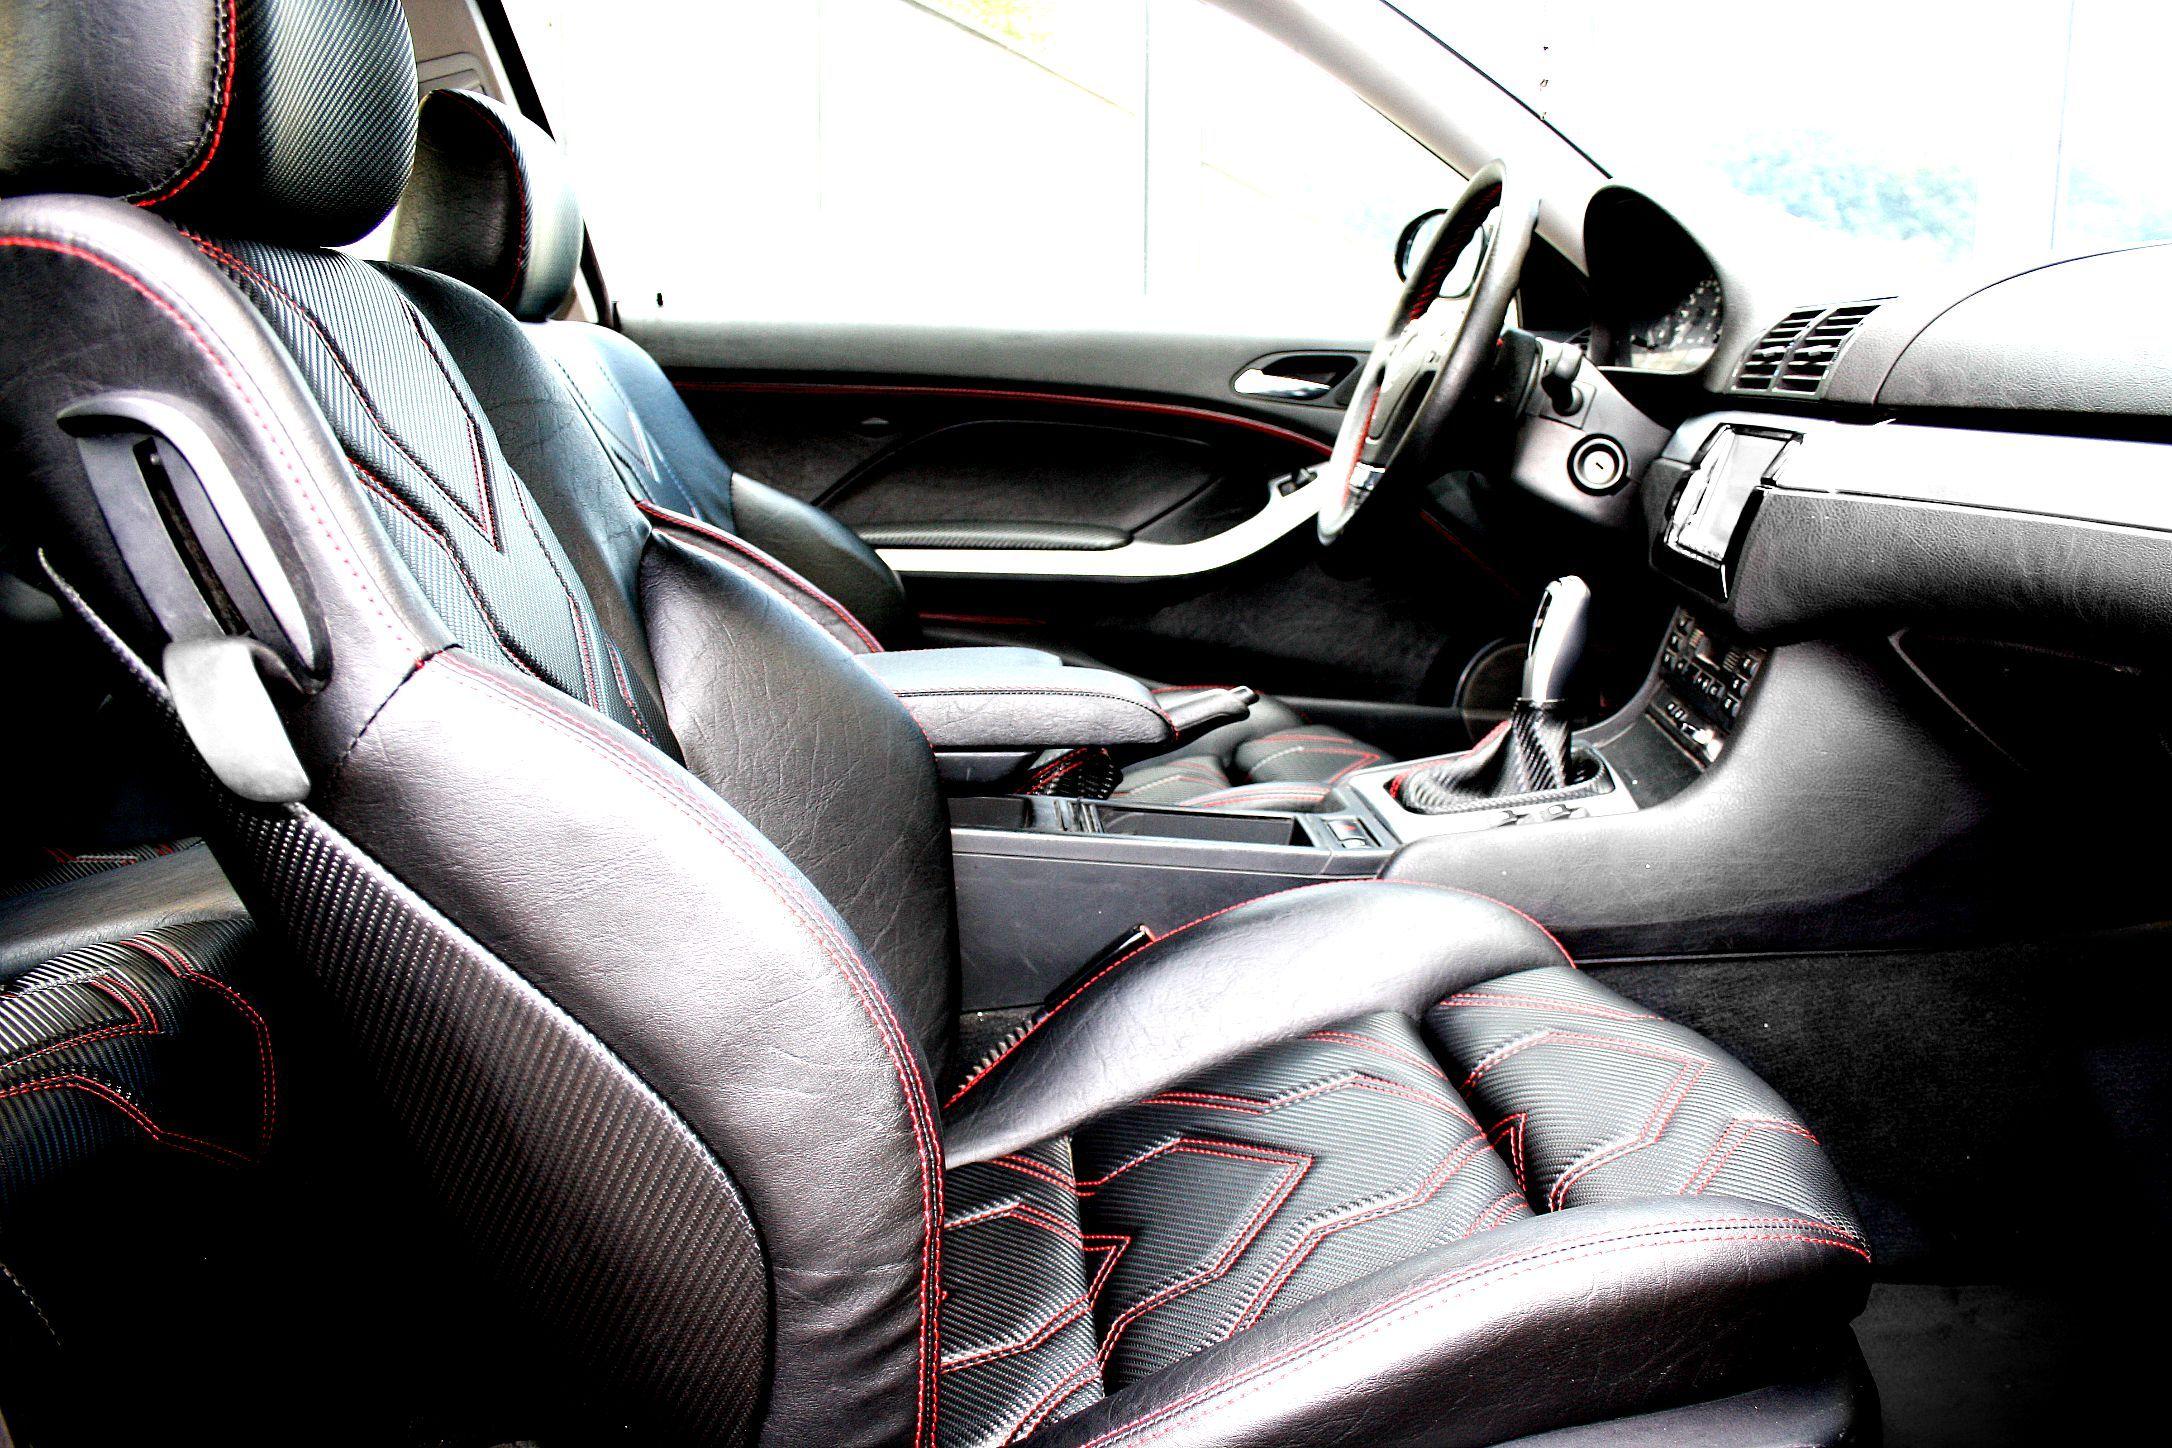 Bmw E46 Coupe Interior And Exterior Modifications By Gevalto E46 Coupe Bmw Bmw E46